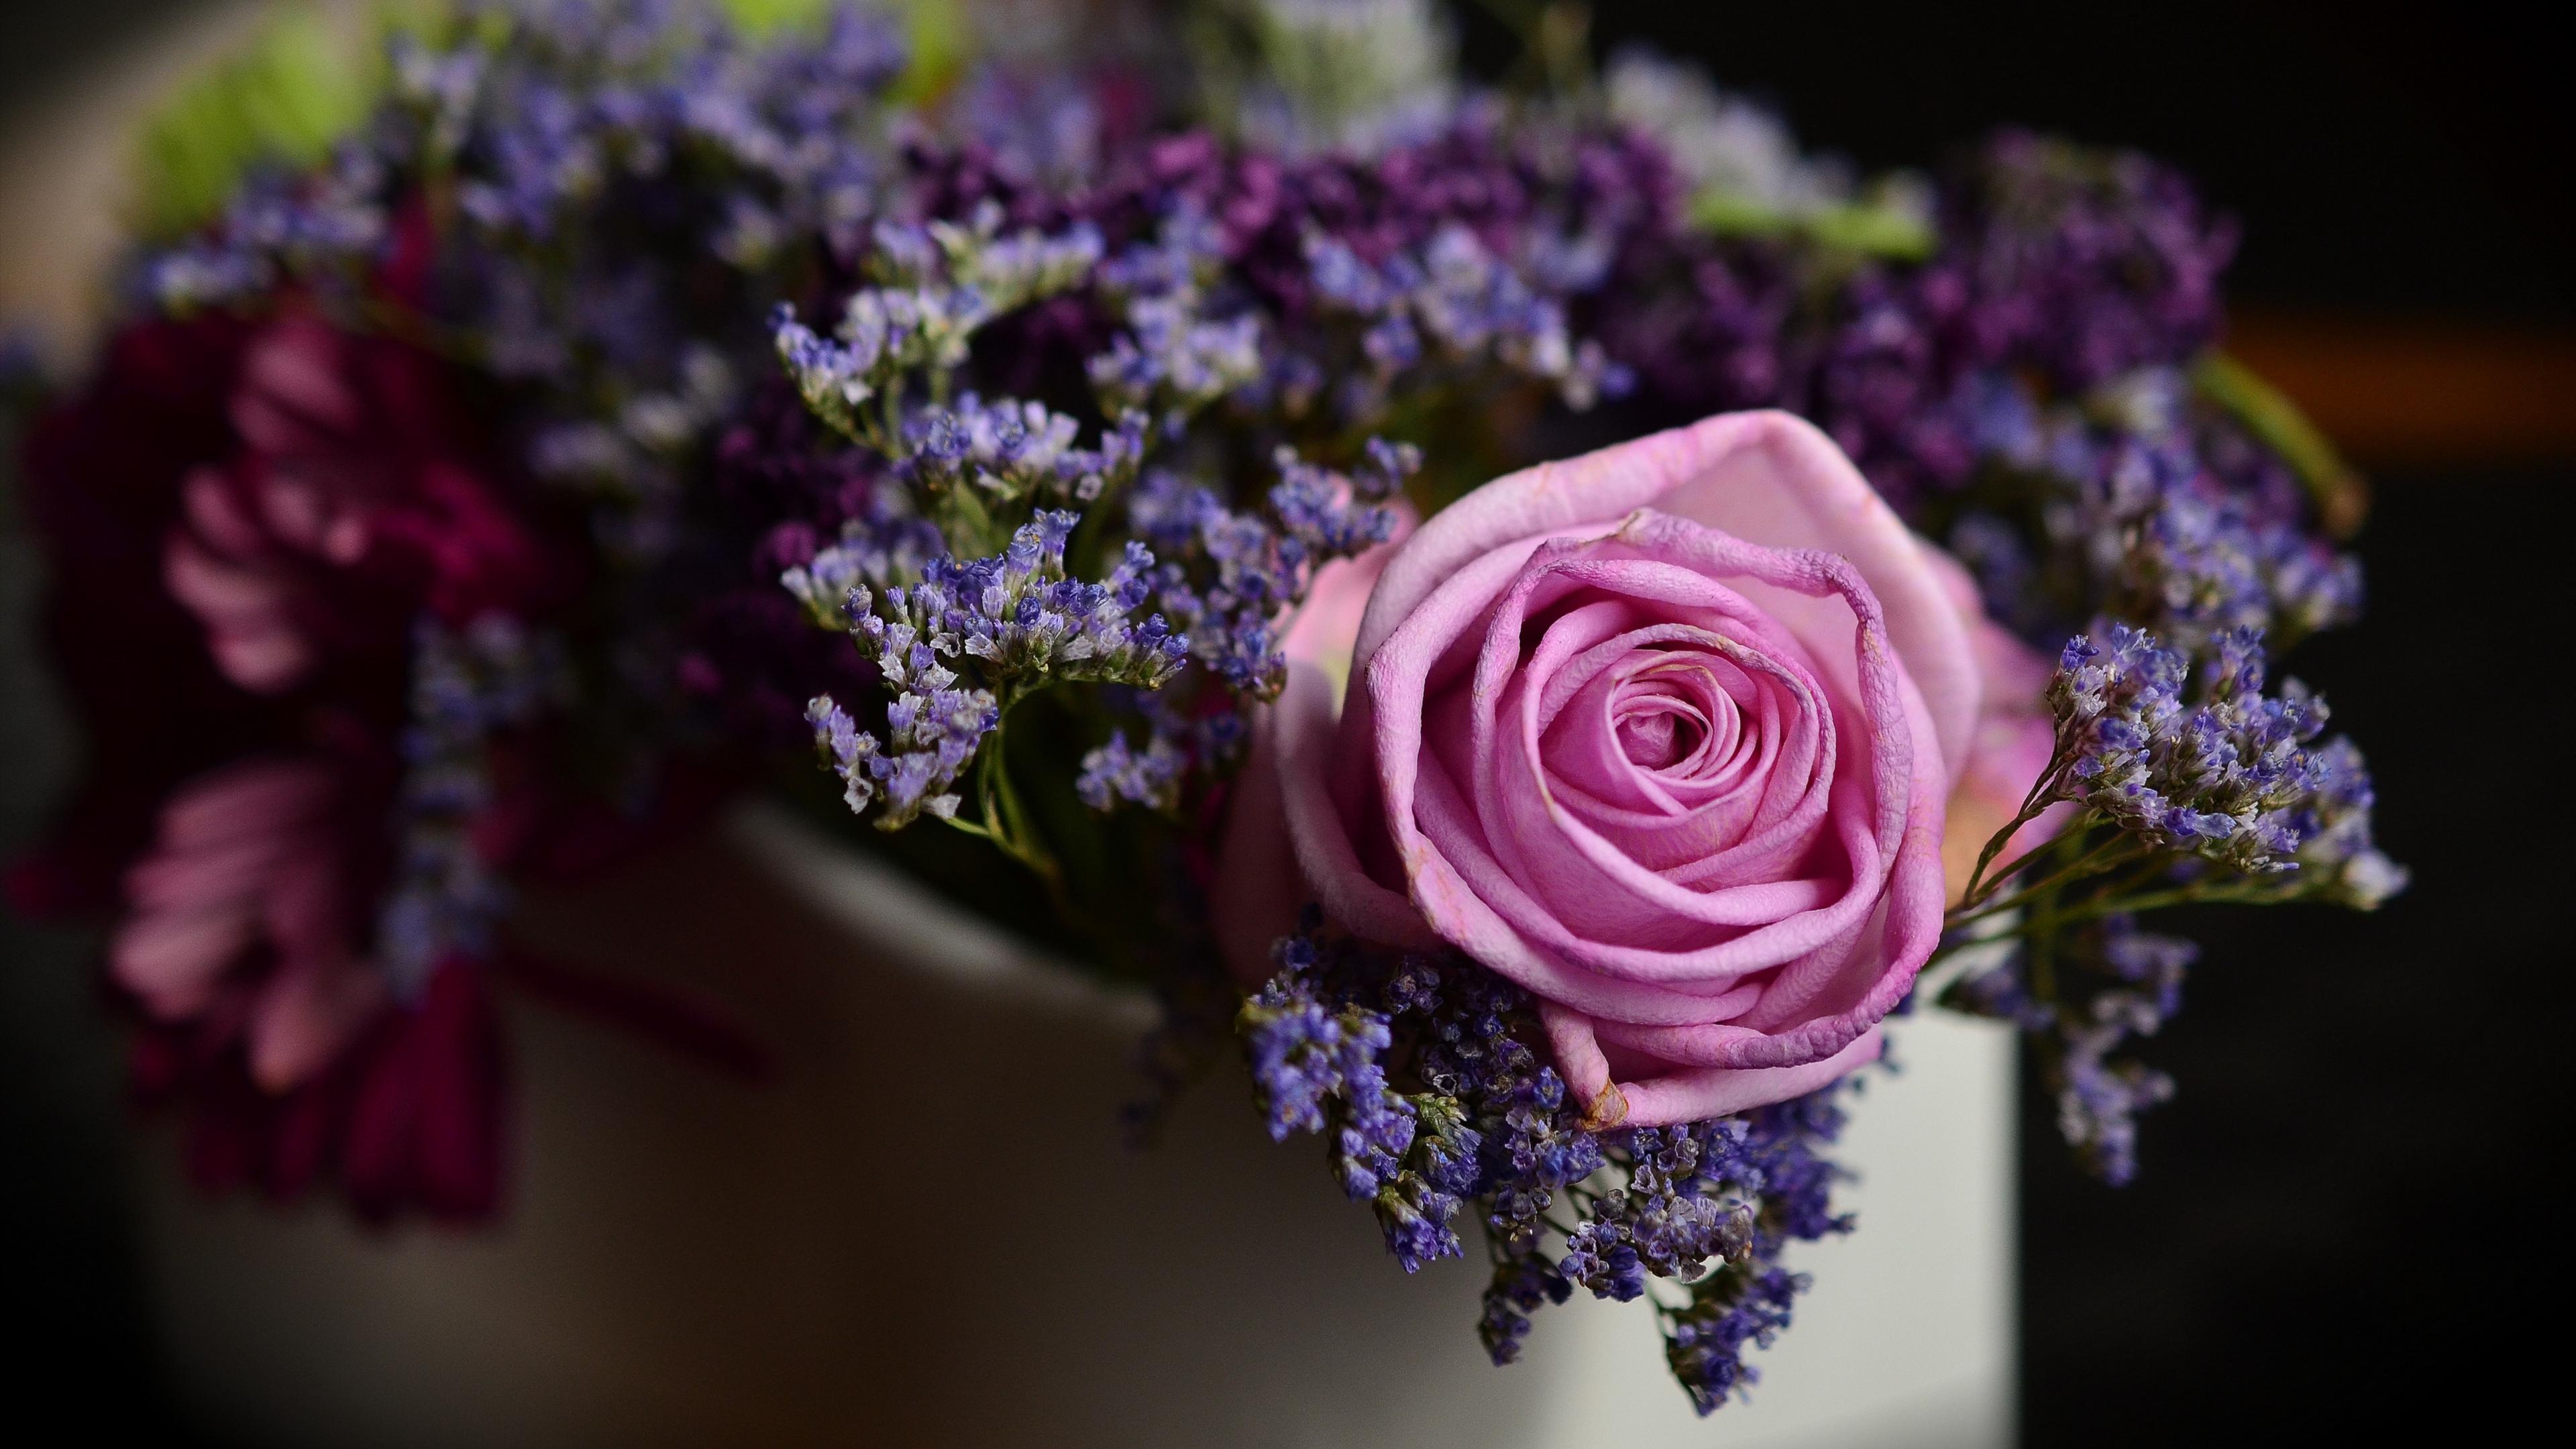 rose bouquet composition 4k 1540064744 - rose, bouquet, composition 4k - Rose, composition, Bouquet